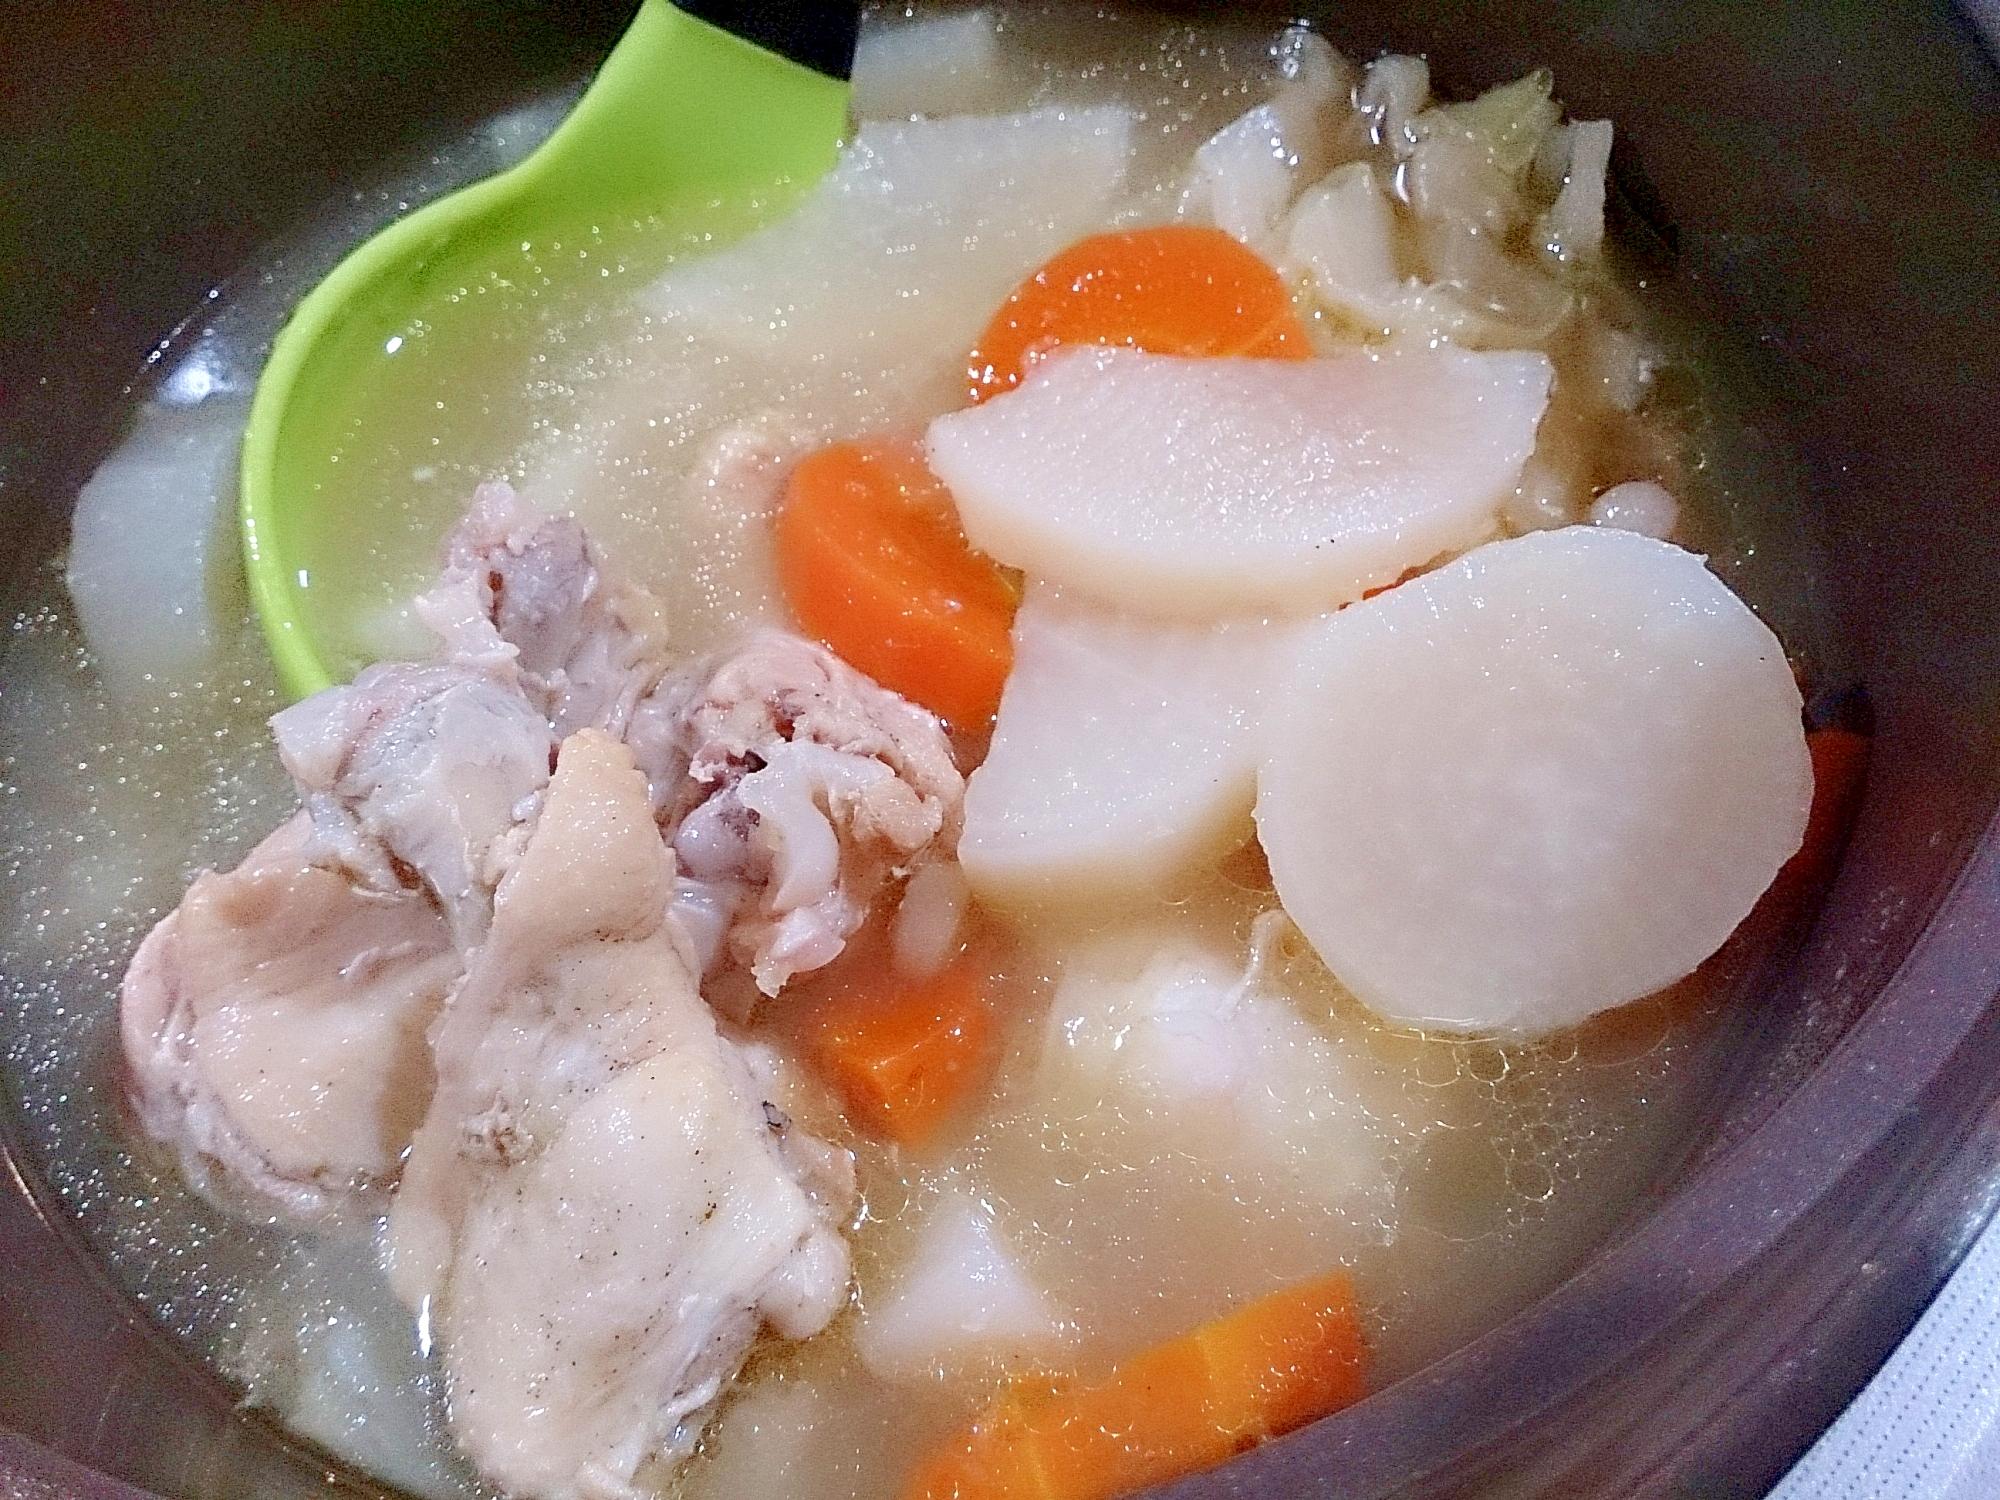 ヤマサちゃんこ鍋つゆ鶏塩だしで鶏手羽元と大根煮